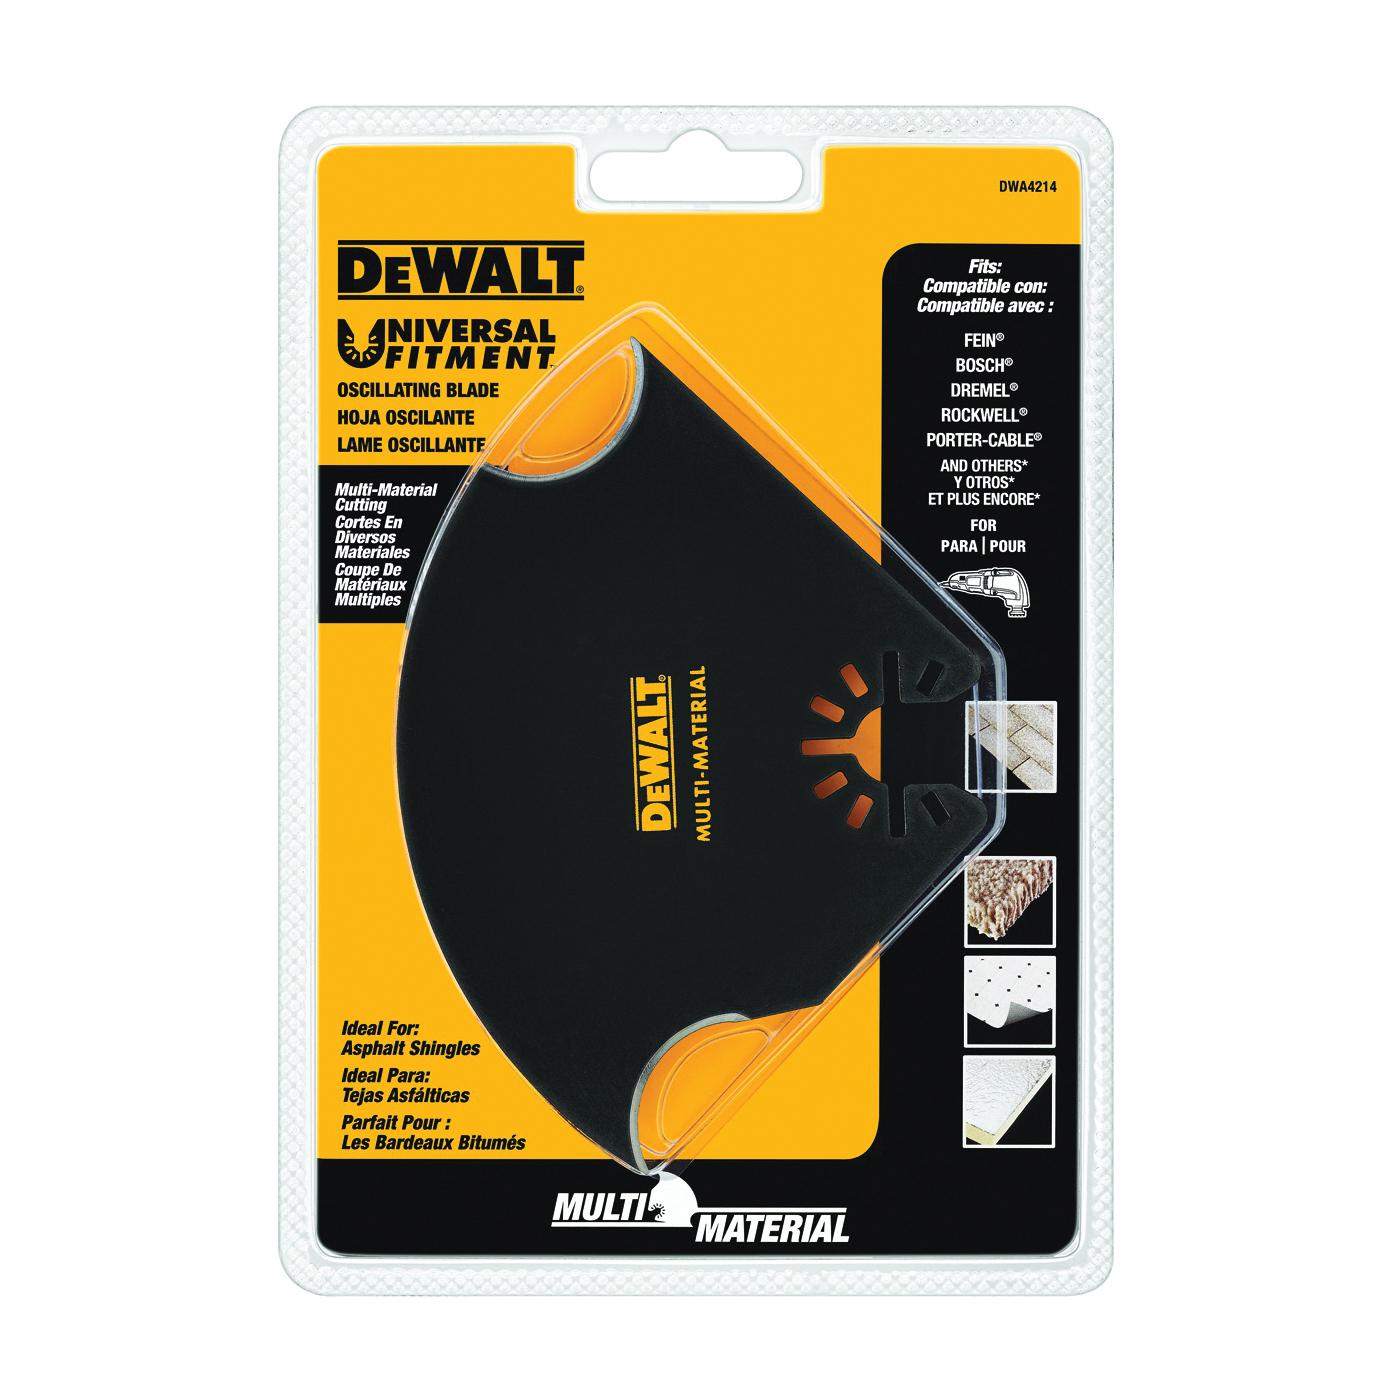 Picture of DeWALT DWA4214 Oscillating Blade, 5-1/2 in, HSS